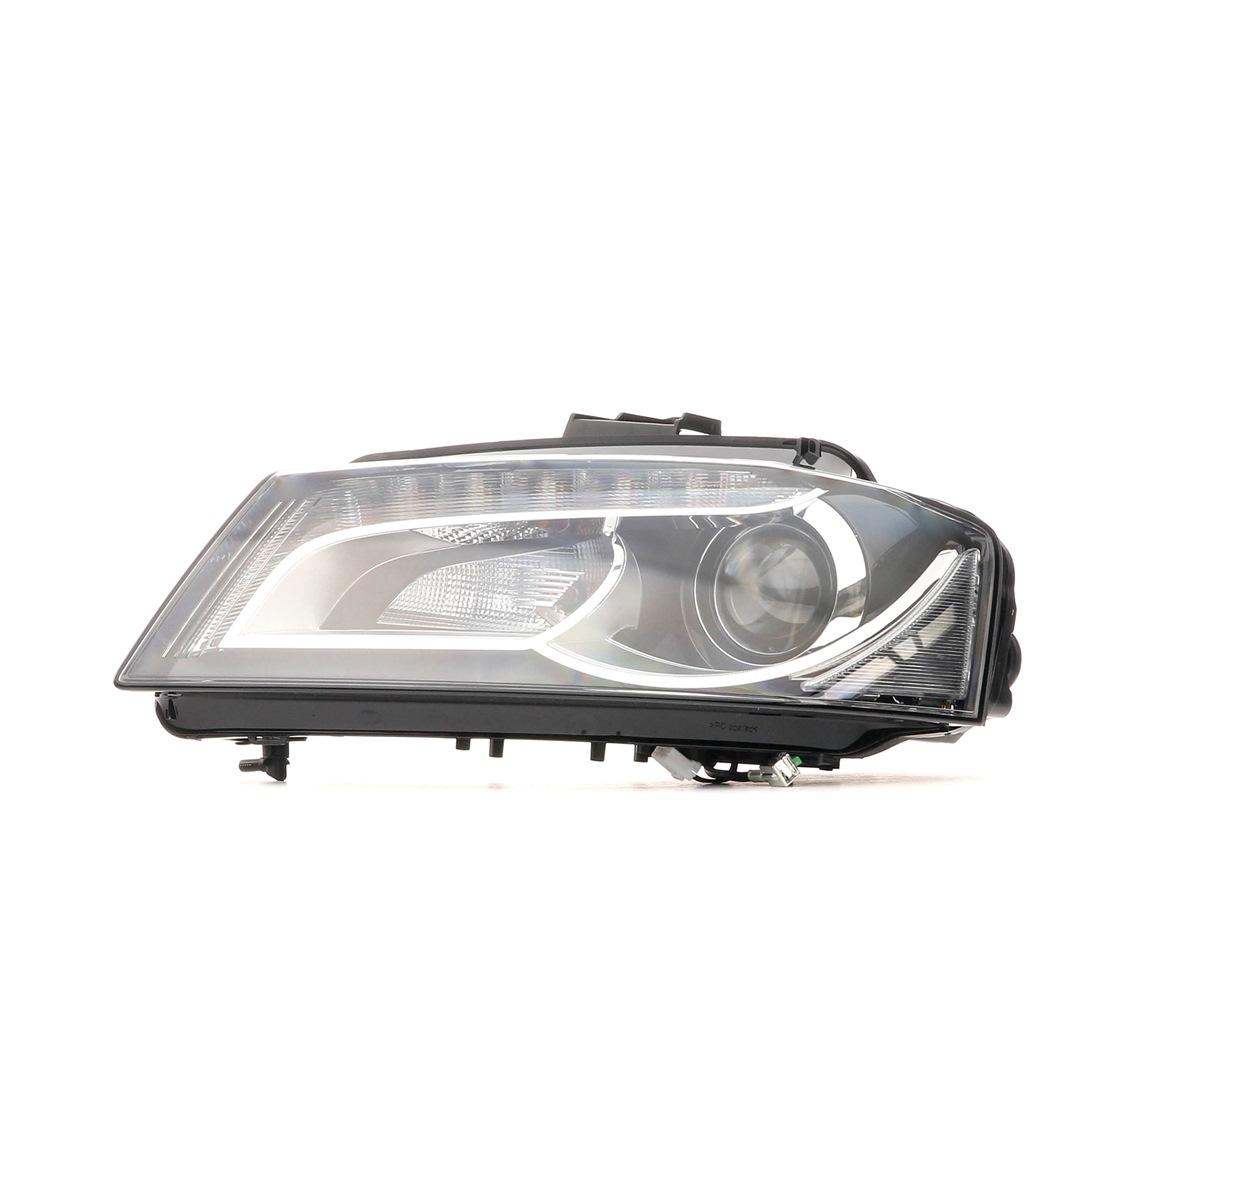 E12515 HELLA Vänster, D3S (gasurladdningslampa), PS19W, PSY24W, W5W, med ställmotor för lysviddsreglering, utan förkopplingsdon, utan gasurladdningslampa, Bi-Xenon, LED, med glödlampa Vänster-/Högertrafik: för högertrafik, Fordonsutrustning: fordon utan adaptivt kurvljus AFS Huvudstrålkastare 1EL 009 648-391 köp lågt pris